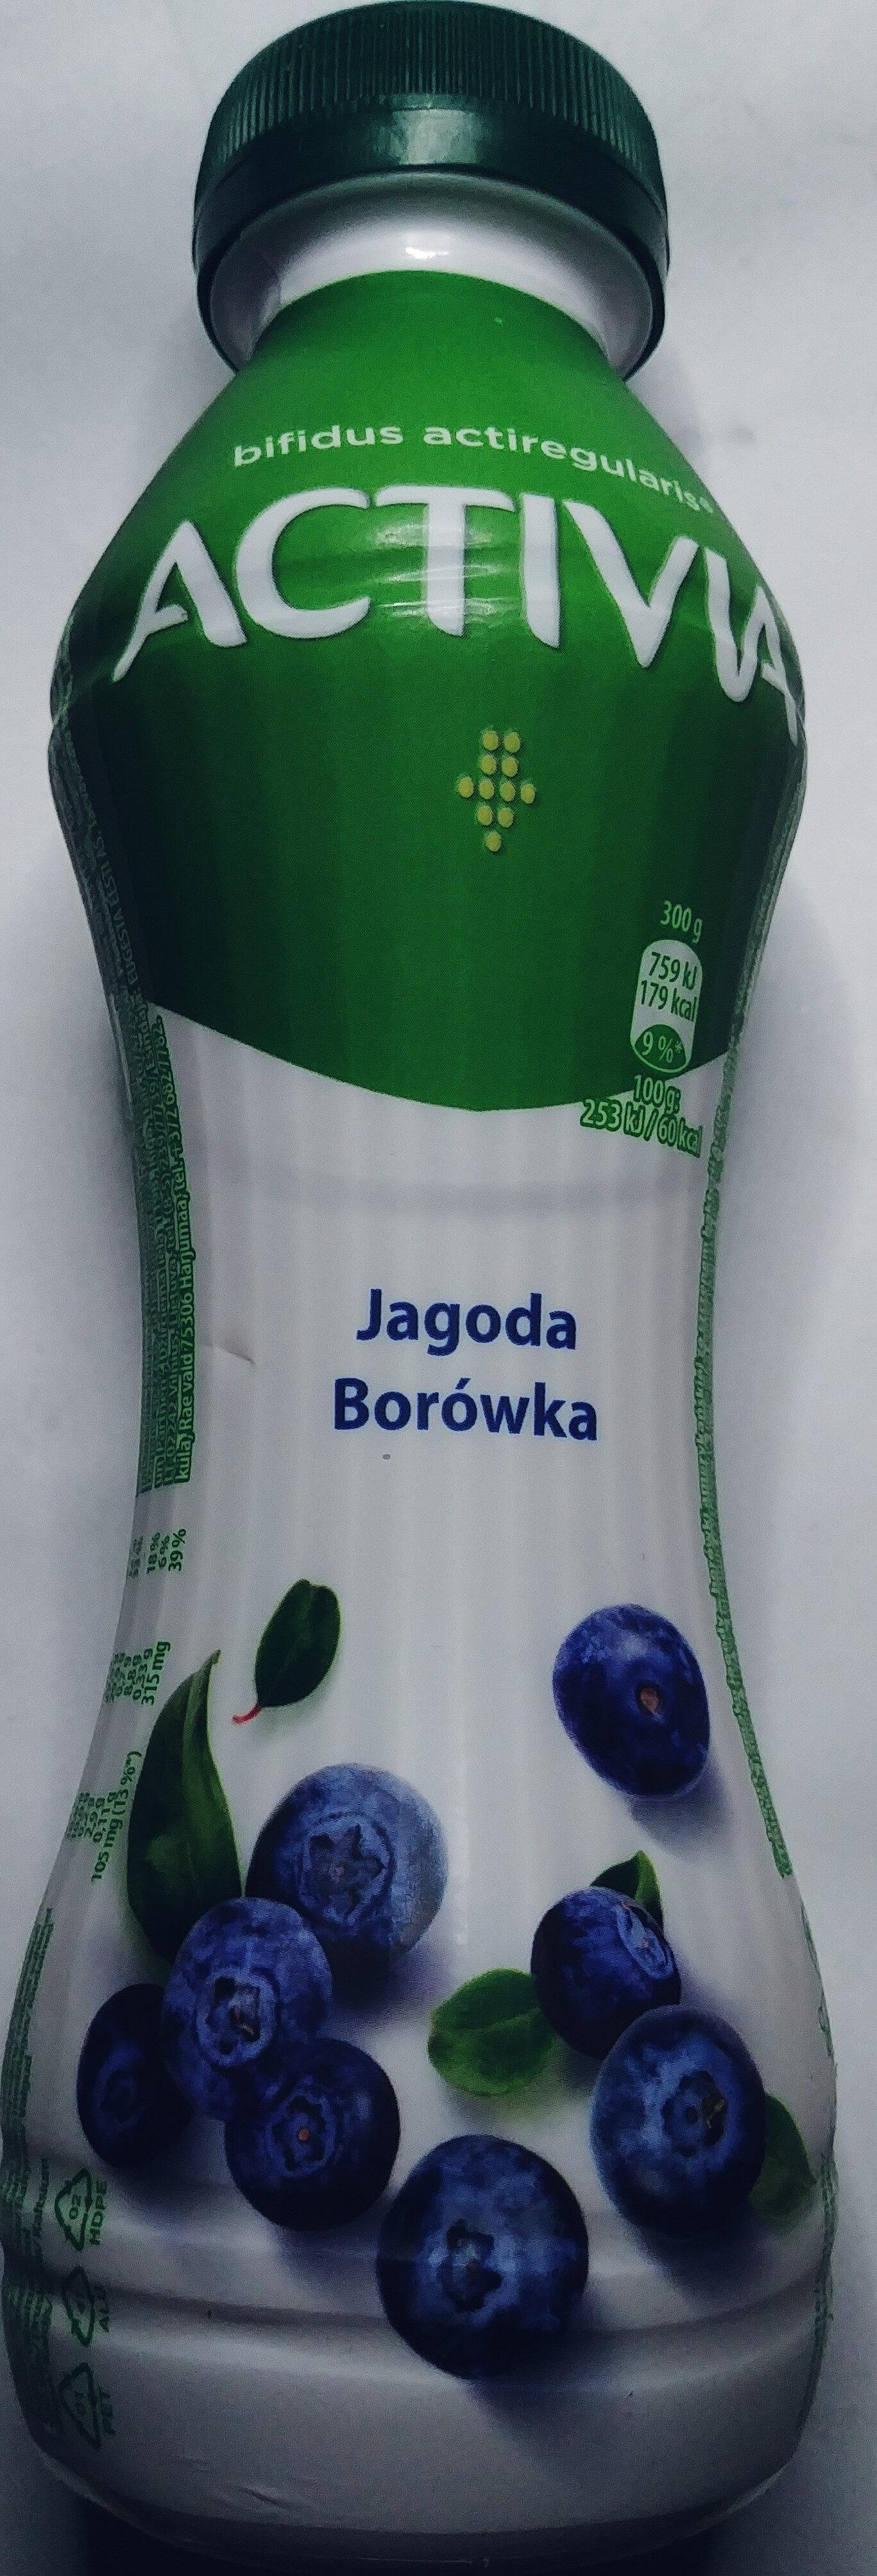 Activia yaourt à boire myrtille - Produkt - pl